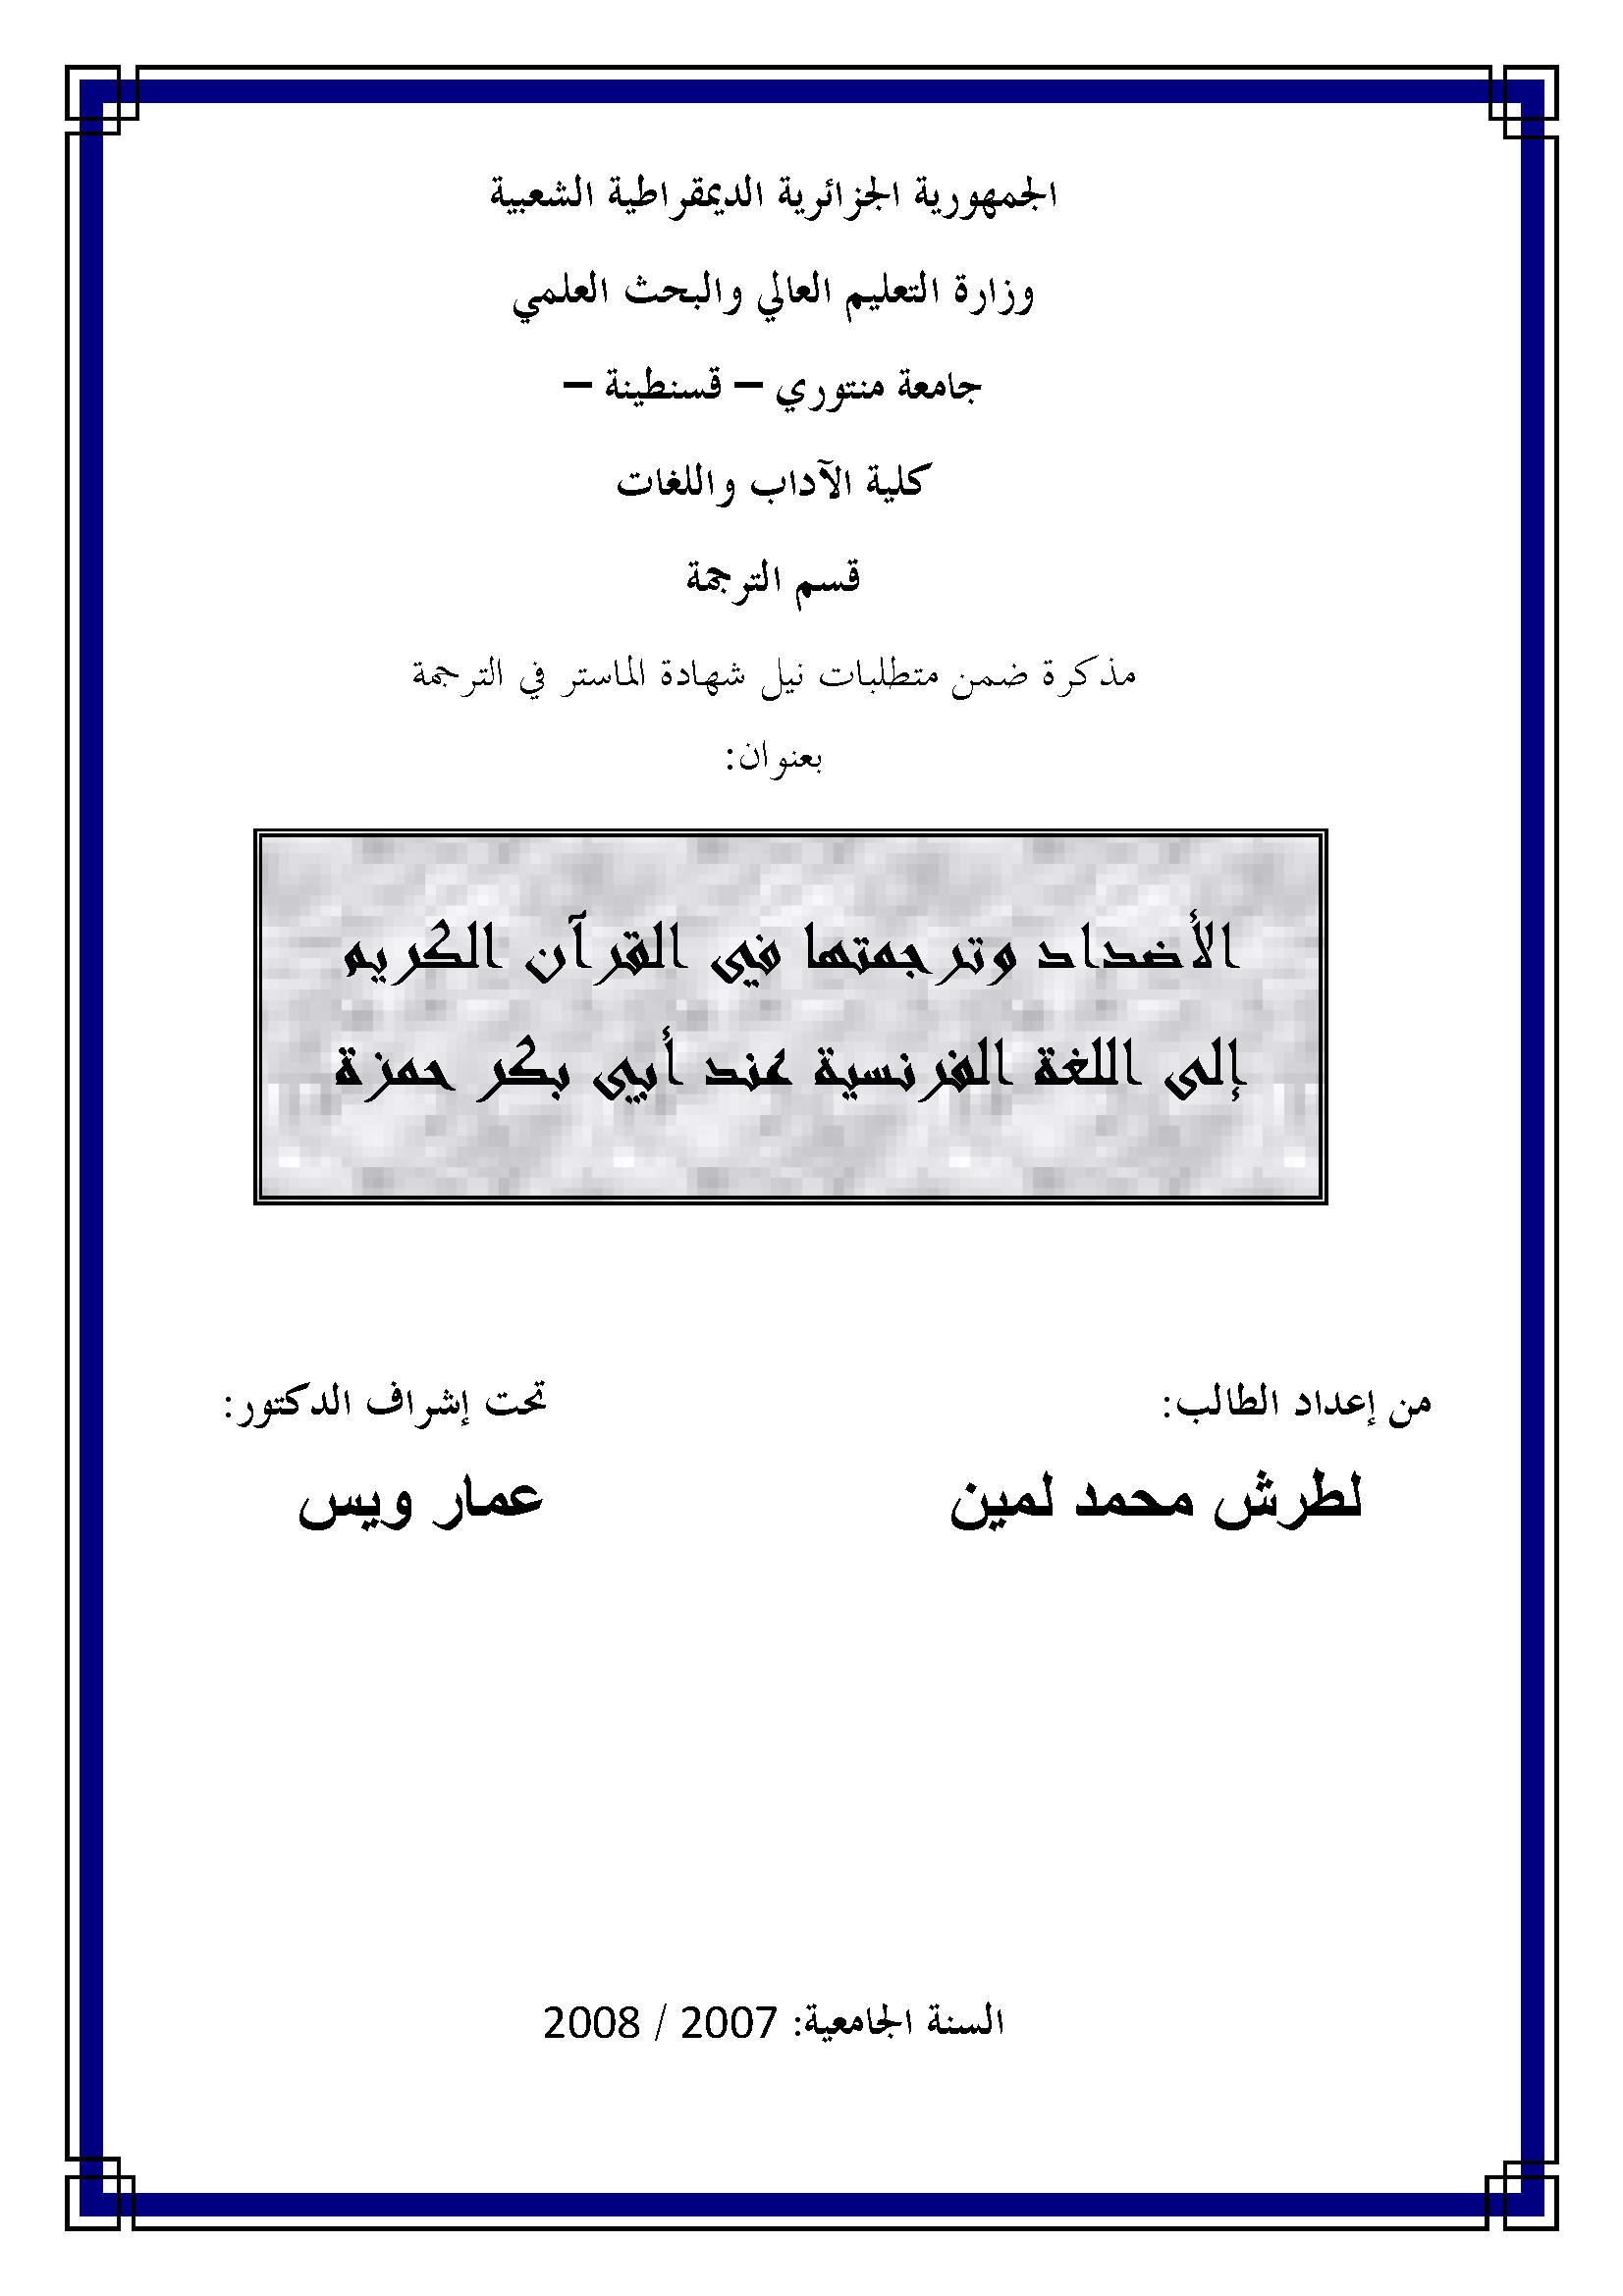 تحميل كتاب الأضداد وترجمتها في القرآن الكريم إلى اللغة الفرنسية عند أبي بكر حمزة لـِ: لطرش محمد لمين